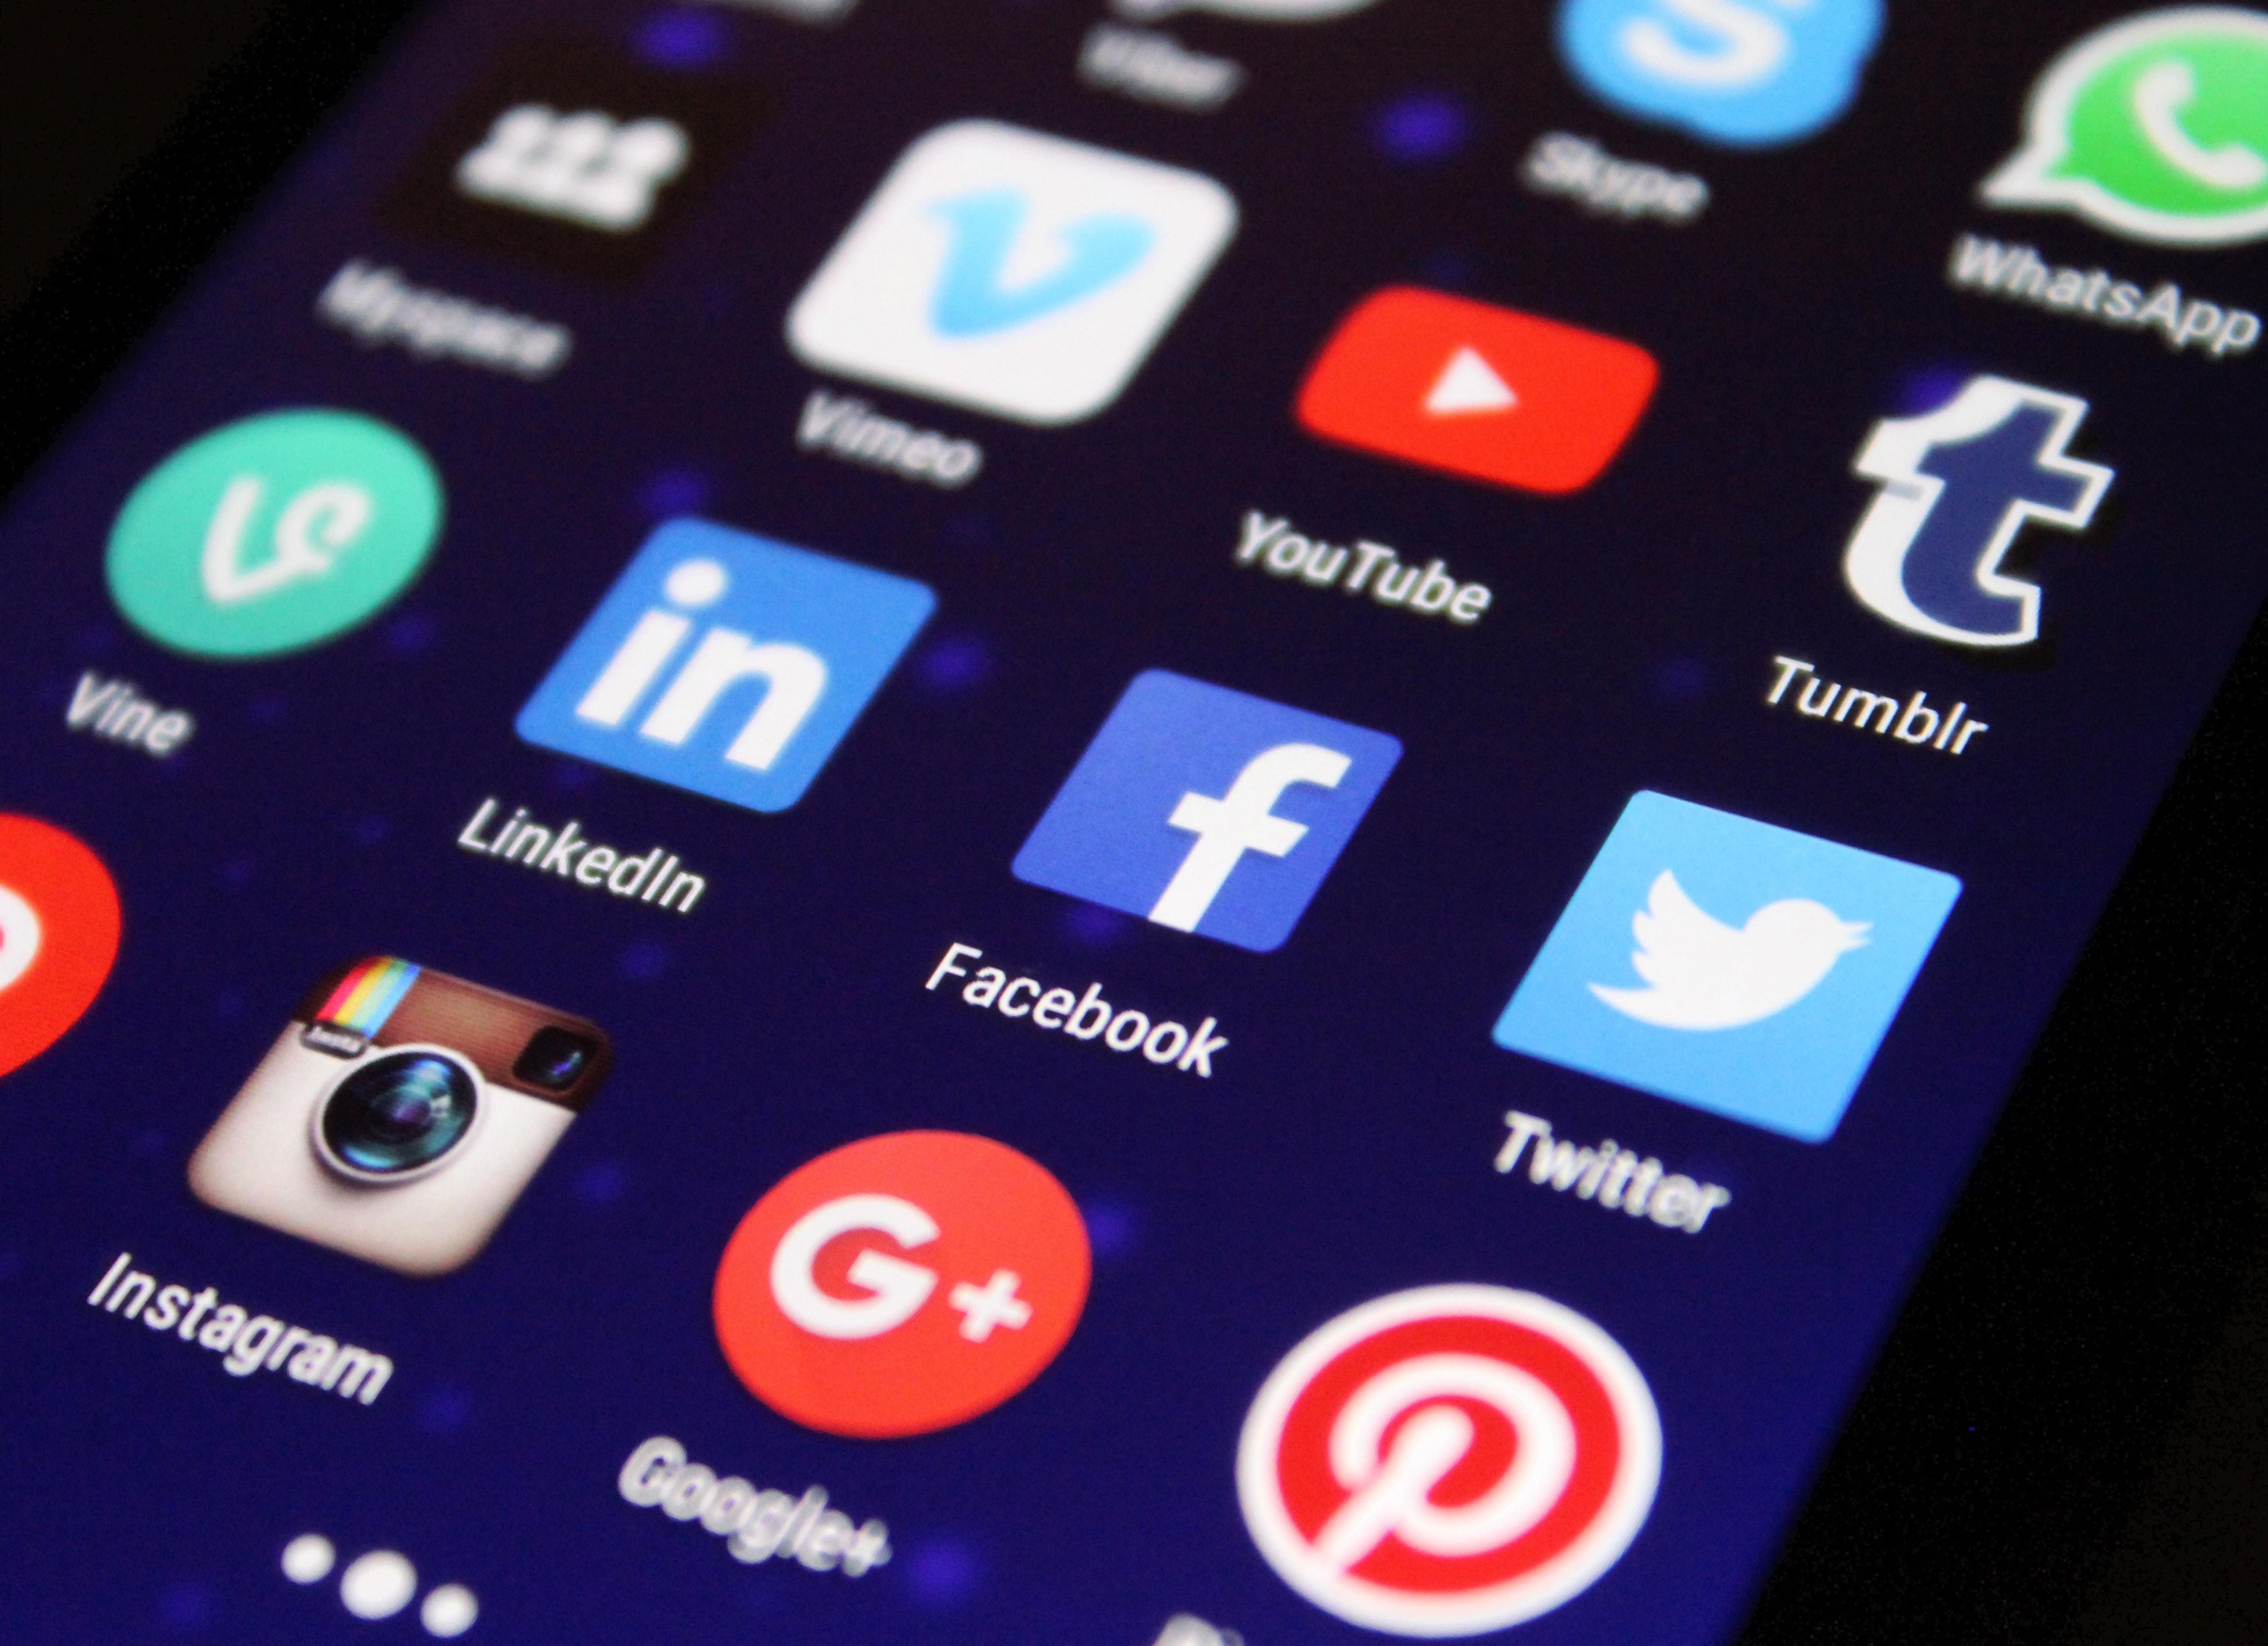 apps-blur-button-267350